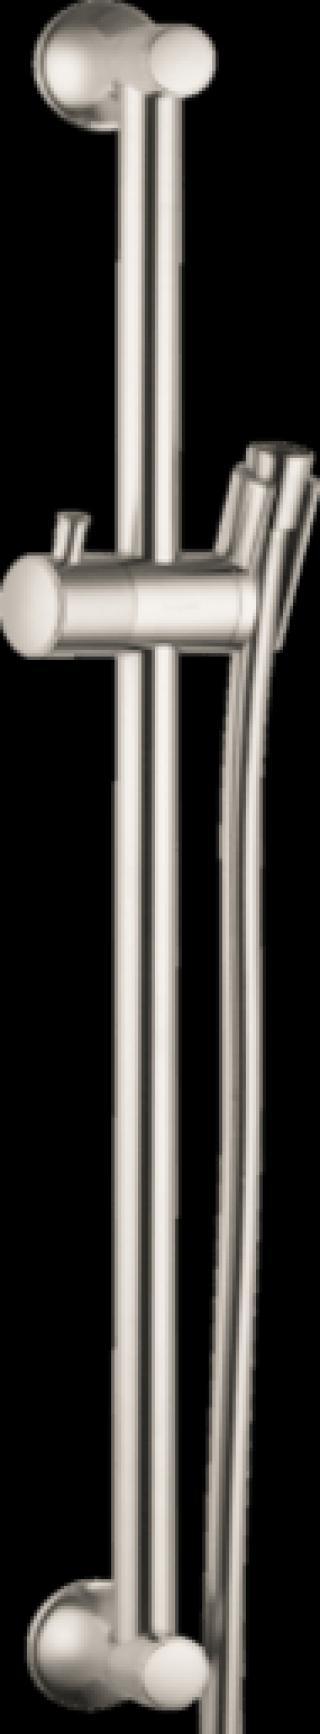 Sprchová tyč Hansgrohe Unica se sprchovou hadicí kartáčovaný nikl 27617820 ostatní kartáčovaný nikl